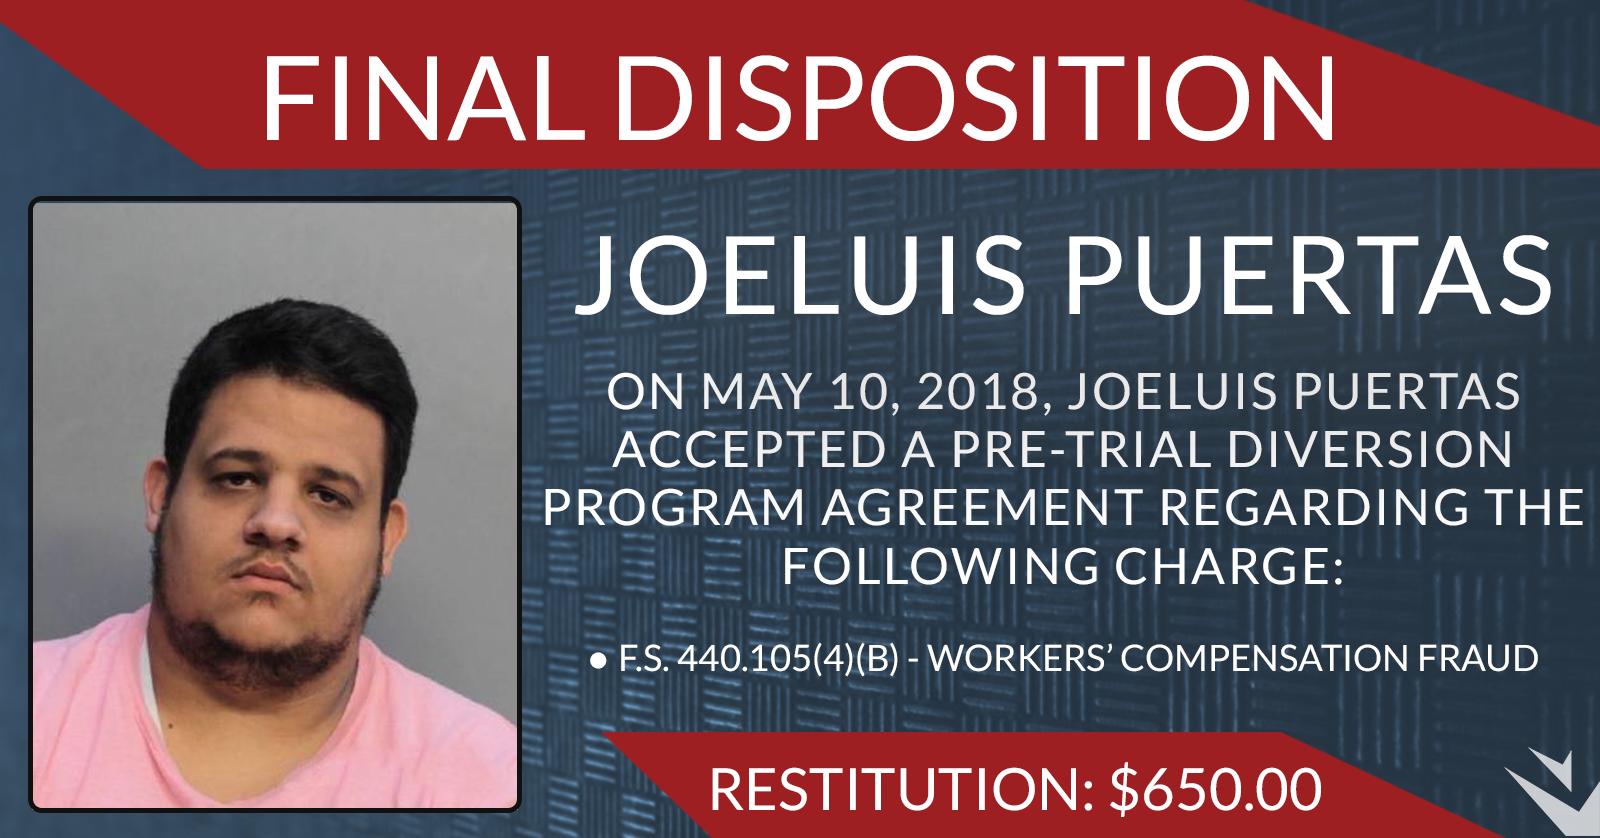 Joeluis Puertas Final Disposition